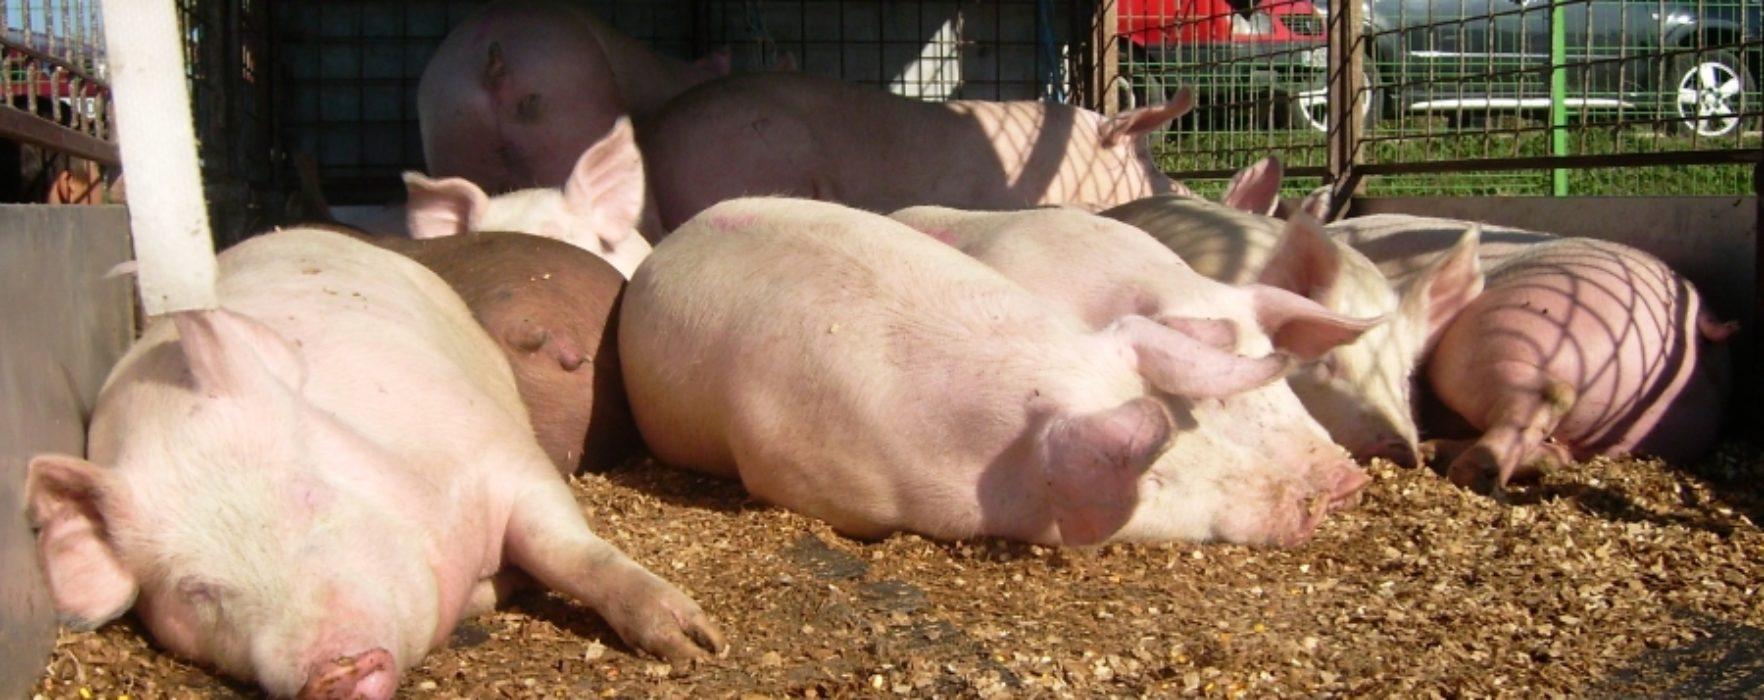 Dâmboviţa: Pesta porcină africană confirmată în gospodării şi la o fermă